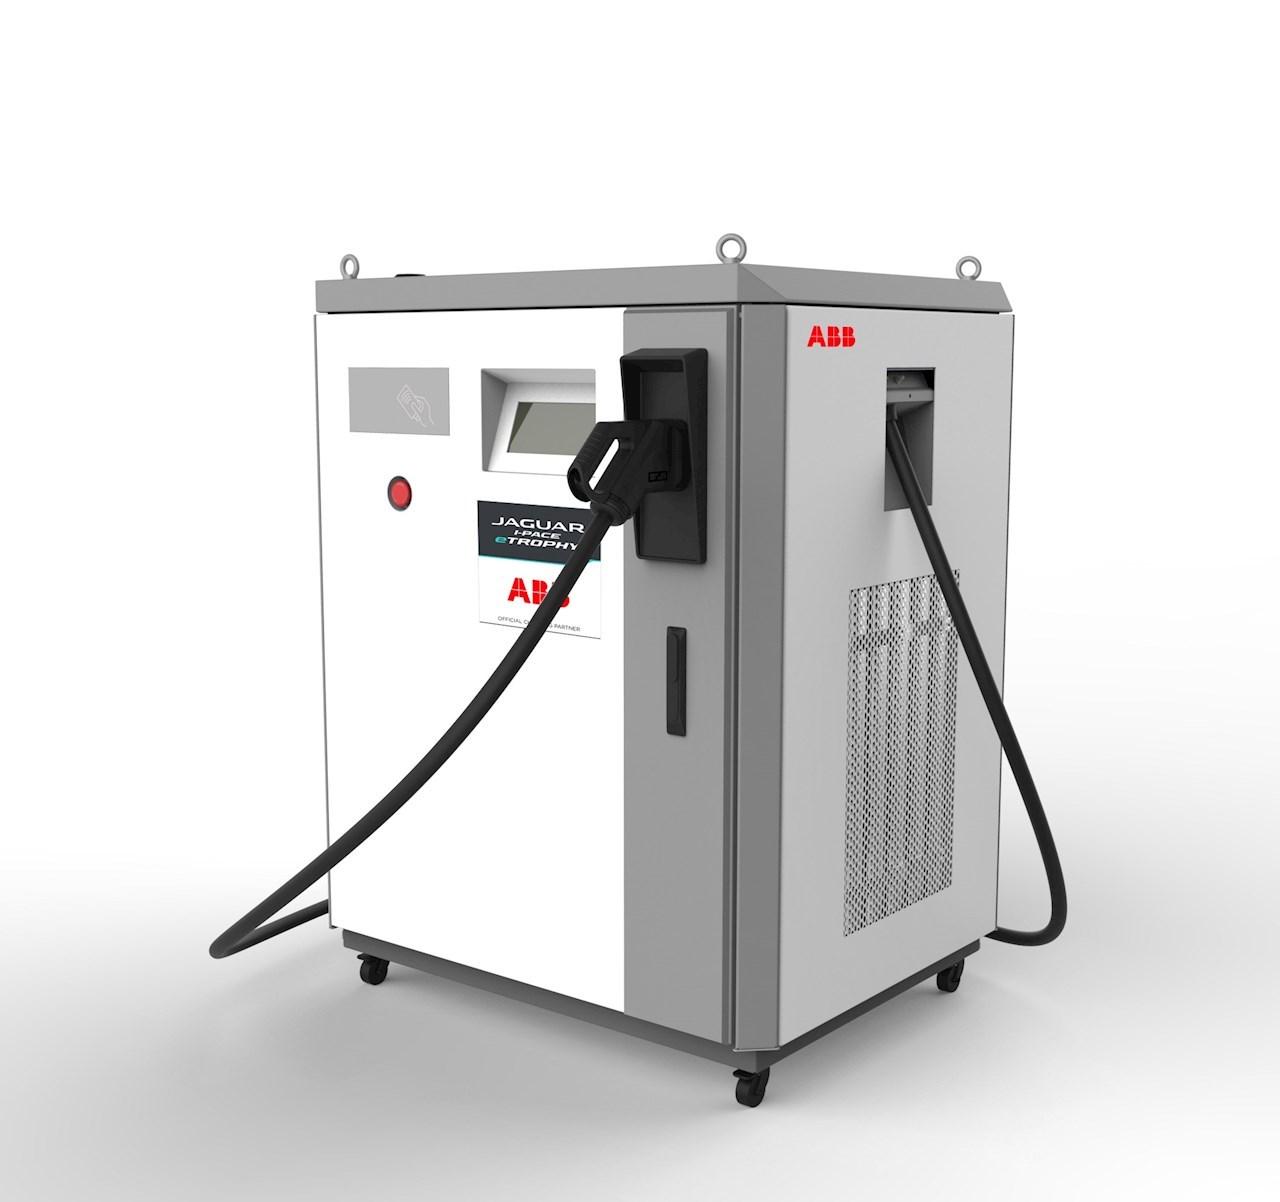 재규어 I-페이스 e트로피 시리즈 레이싱 팀들은 ABB가 맞춤 제작한 테라 DC 급속 충전기를 사용해 전기 차량을 급속 충전할 수 있다.